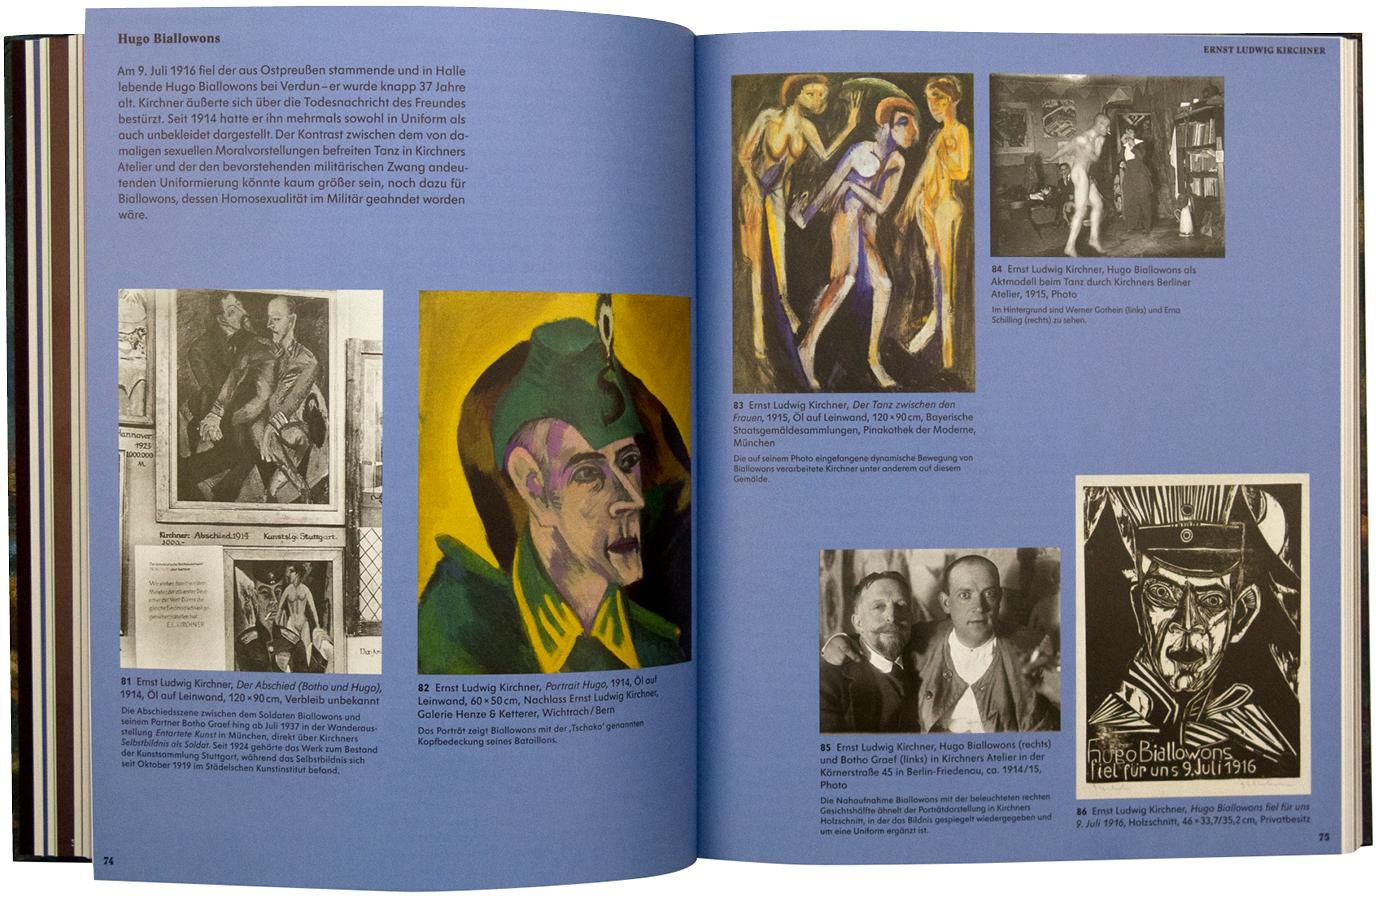 http://e-o-t.de/wordpress/wp-content/uploads/2017/06/2014_eot-Weltenbruch-Book-10.jpg